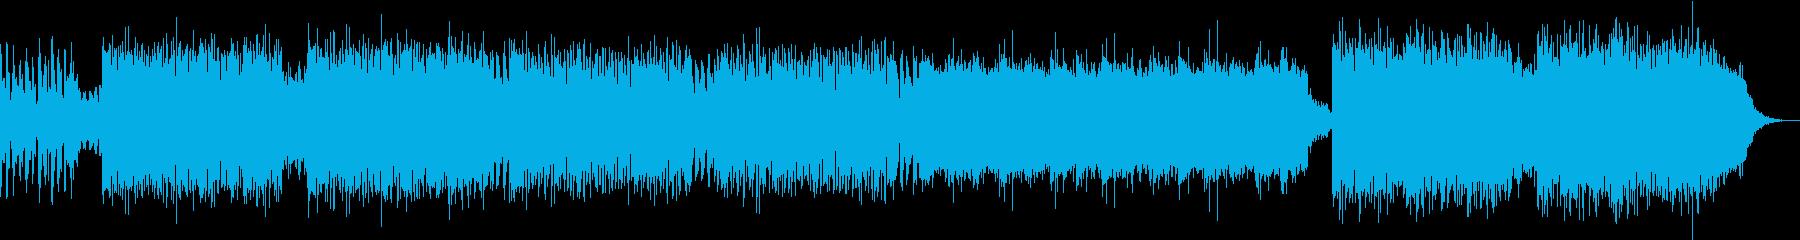 スタイリッシュなトランス EDMの再生済みの波形